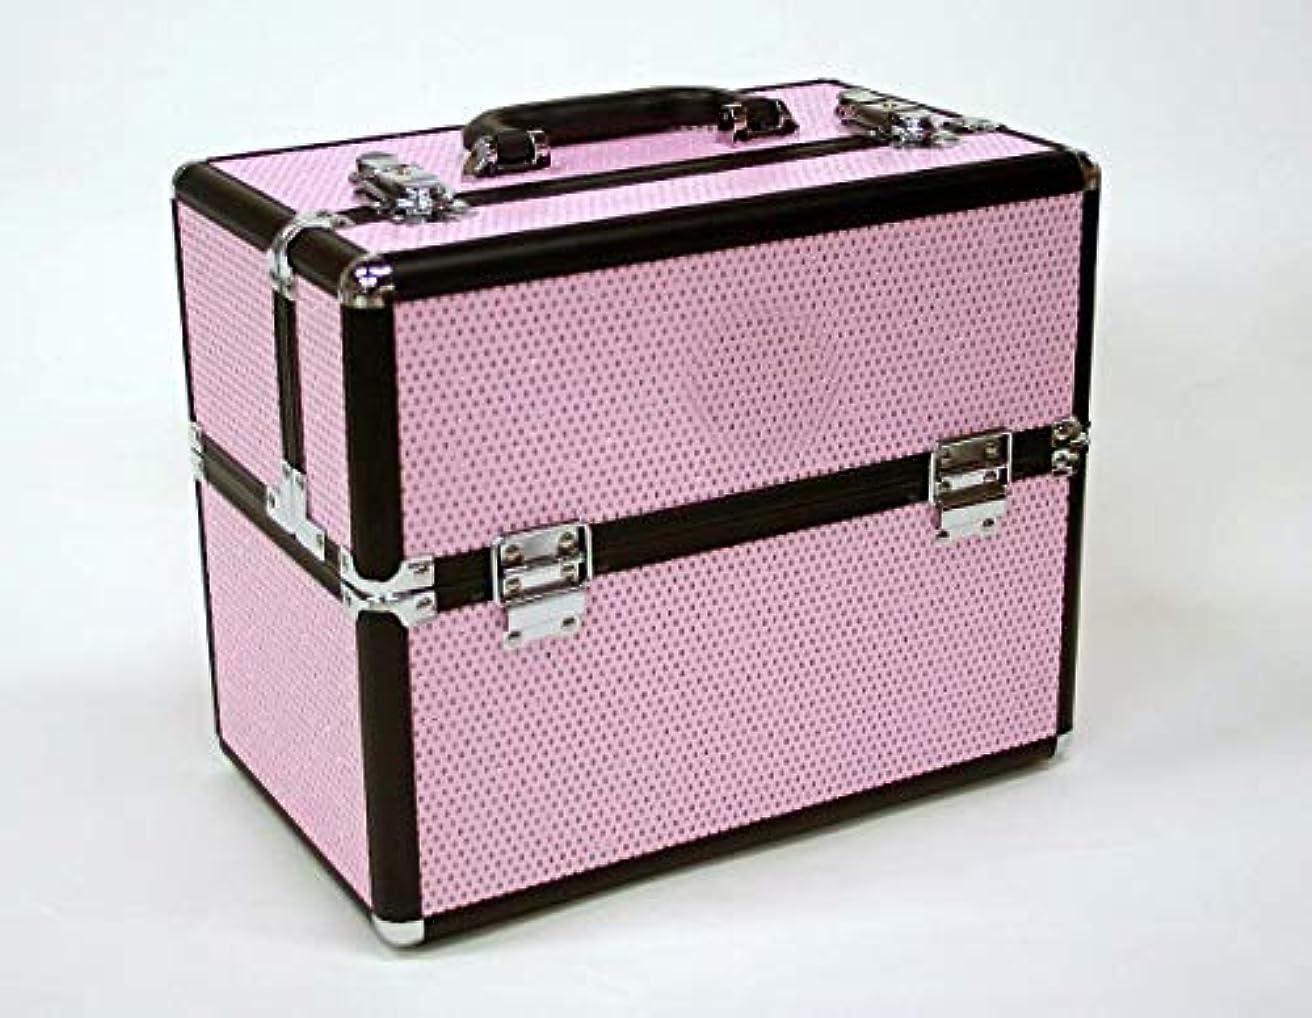 護衛対抗揺れるメイクボックス D2651IK-6 軽量タイプ コスメボックス 化粧箱 メイクアップボックス Make box MAKE UP BOX